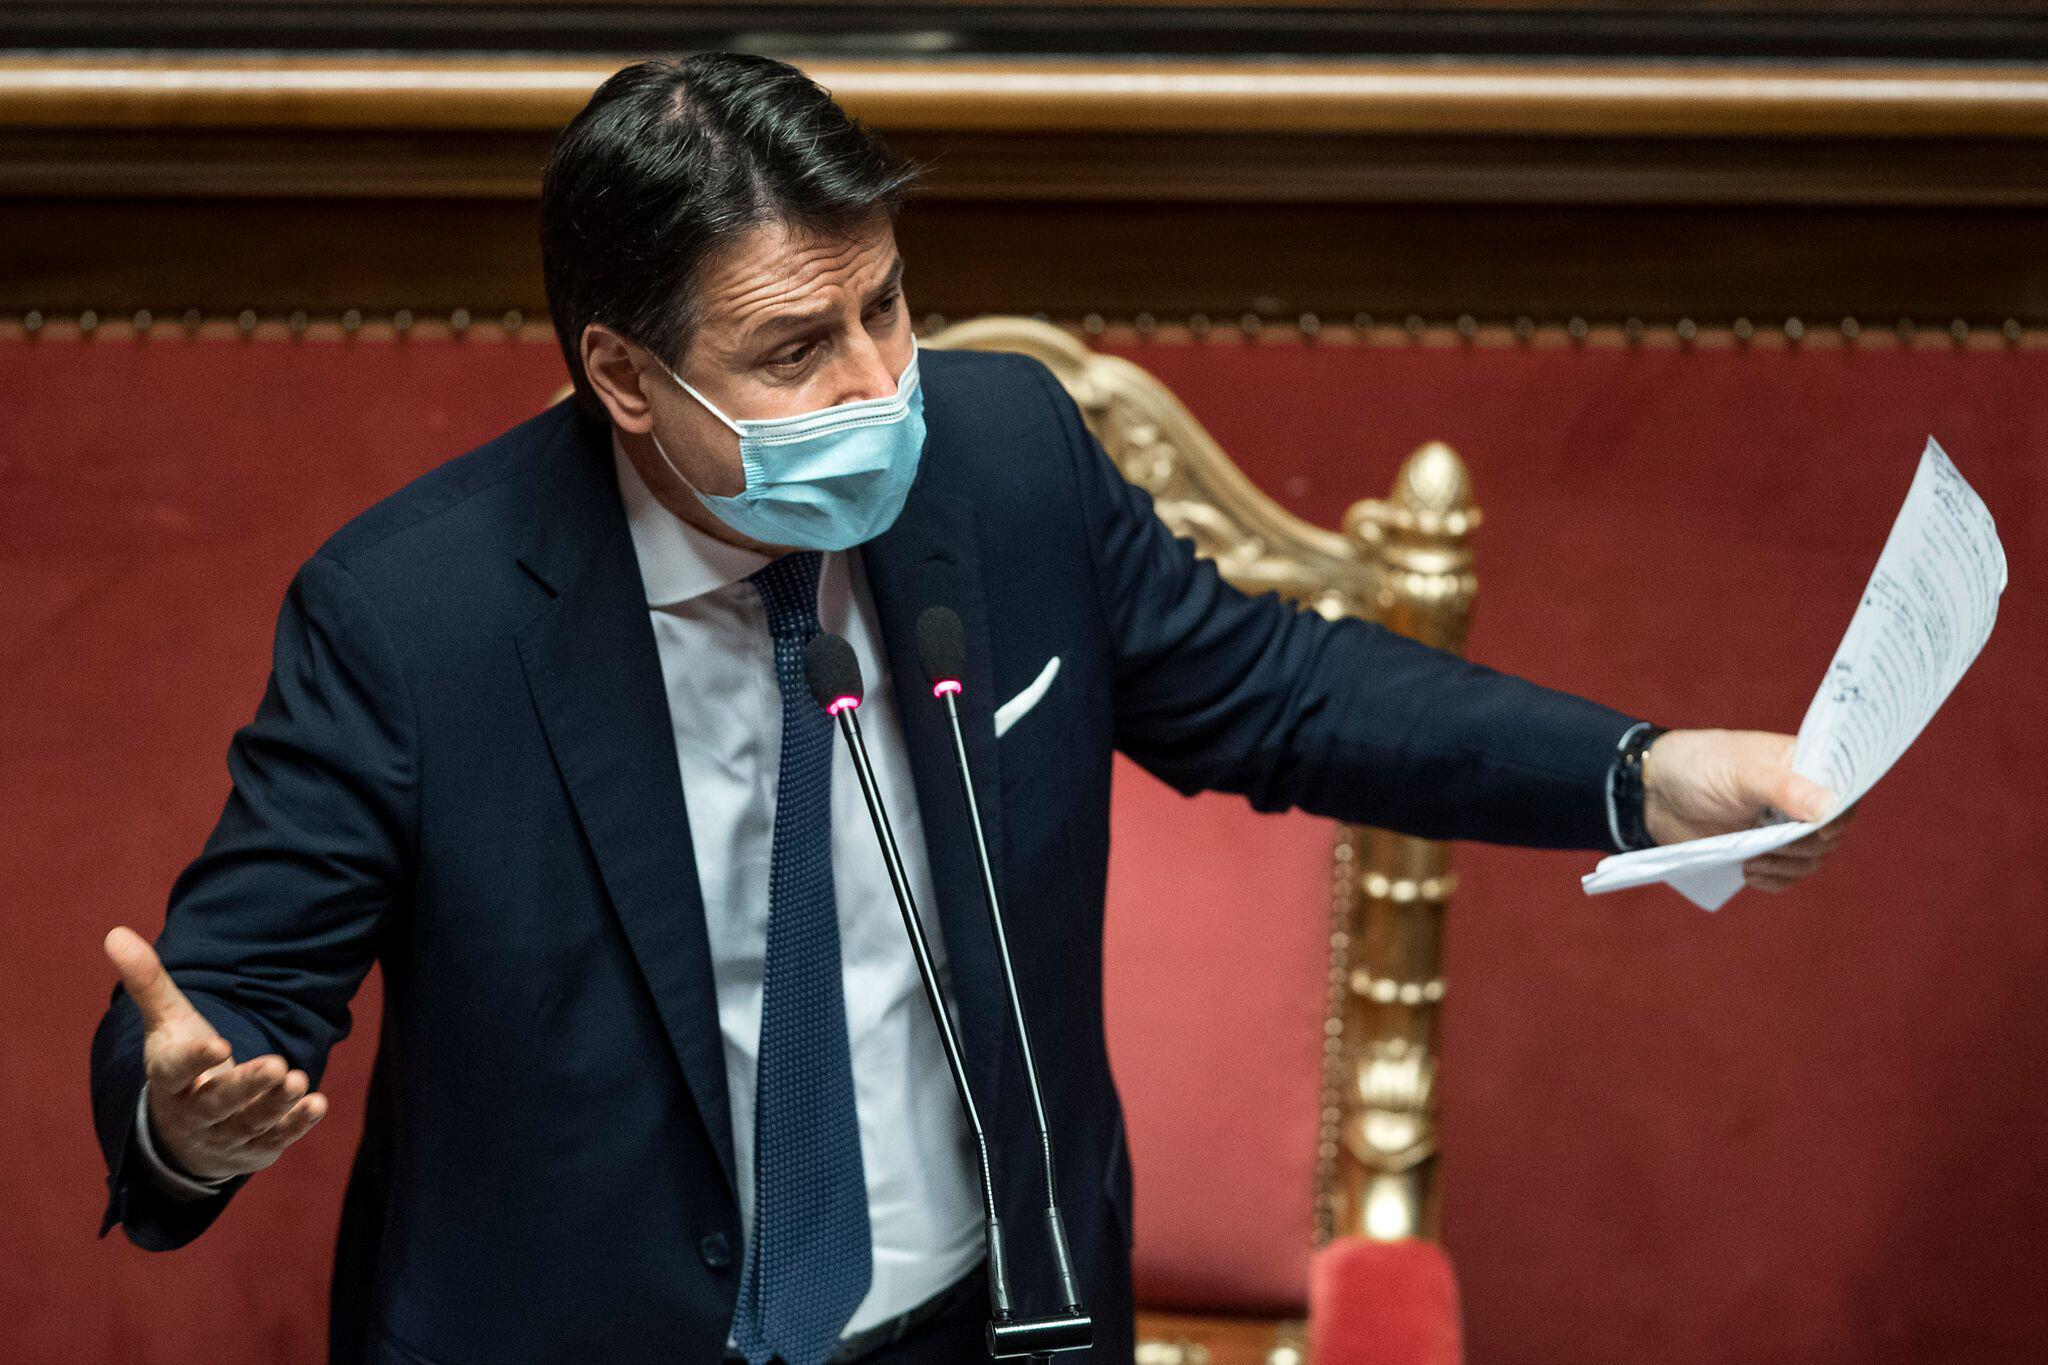 Italien - Conte tritt wie angekündigt zurück